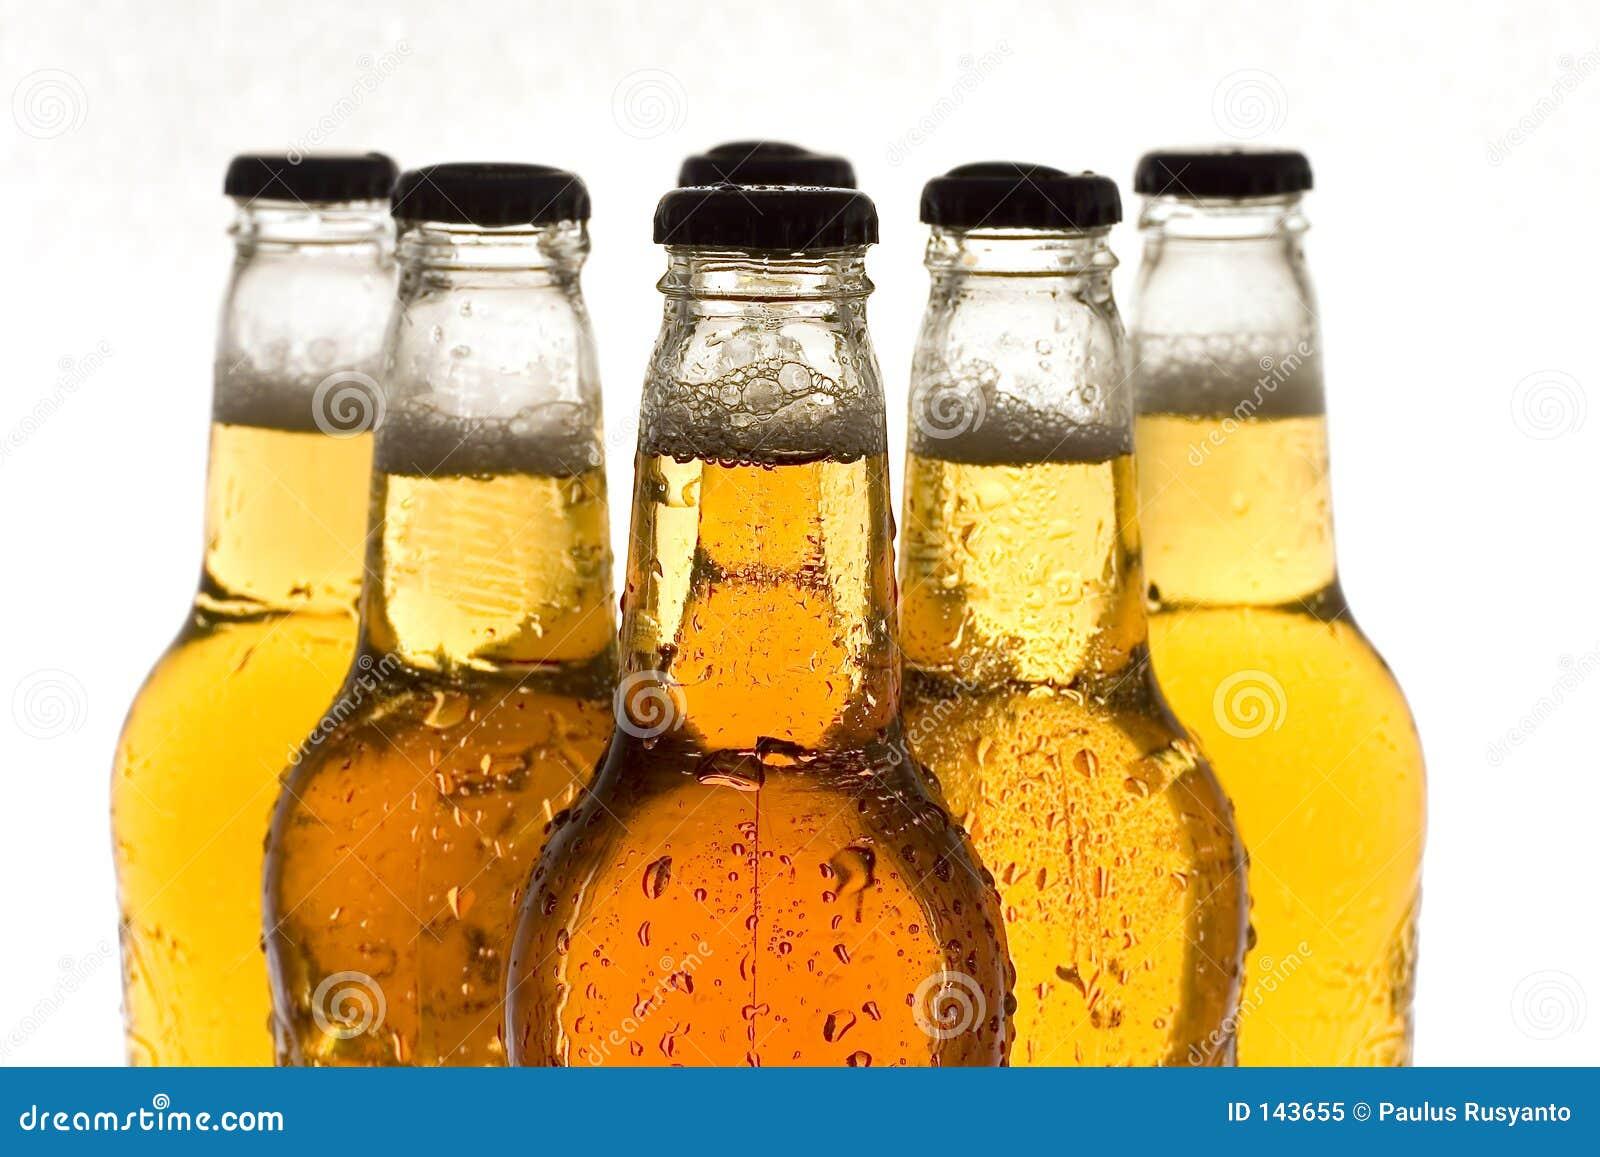 Dranken: Bier